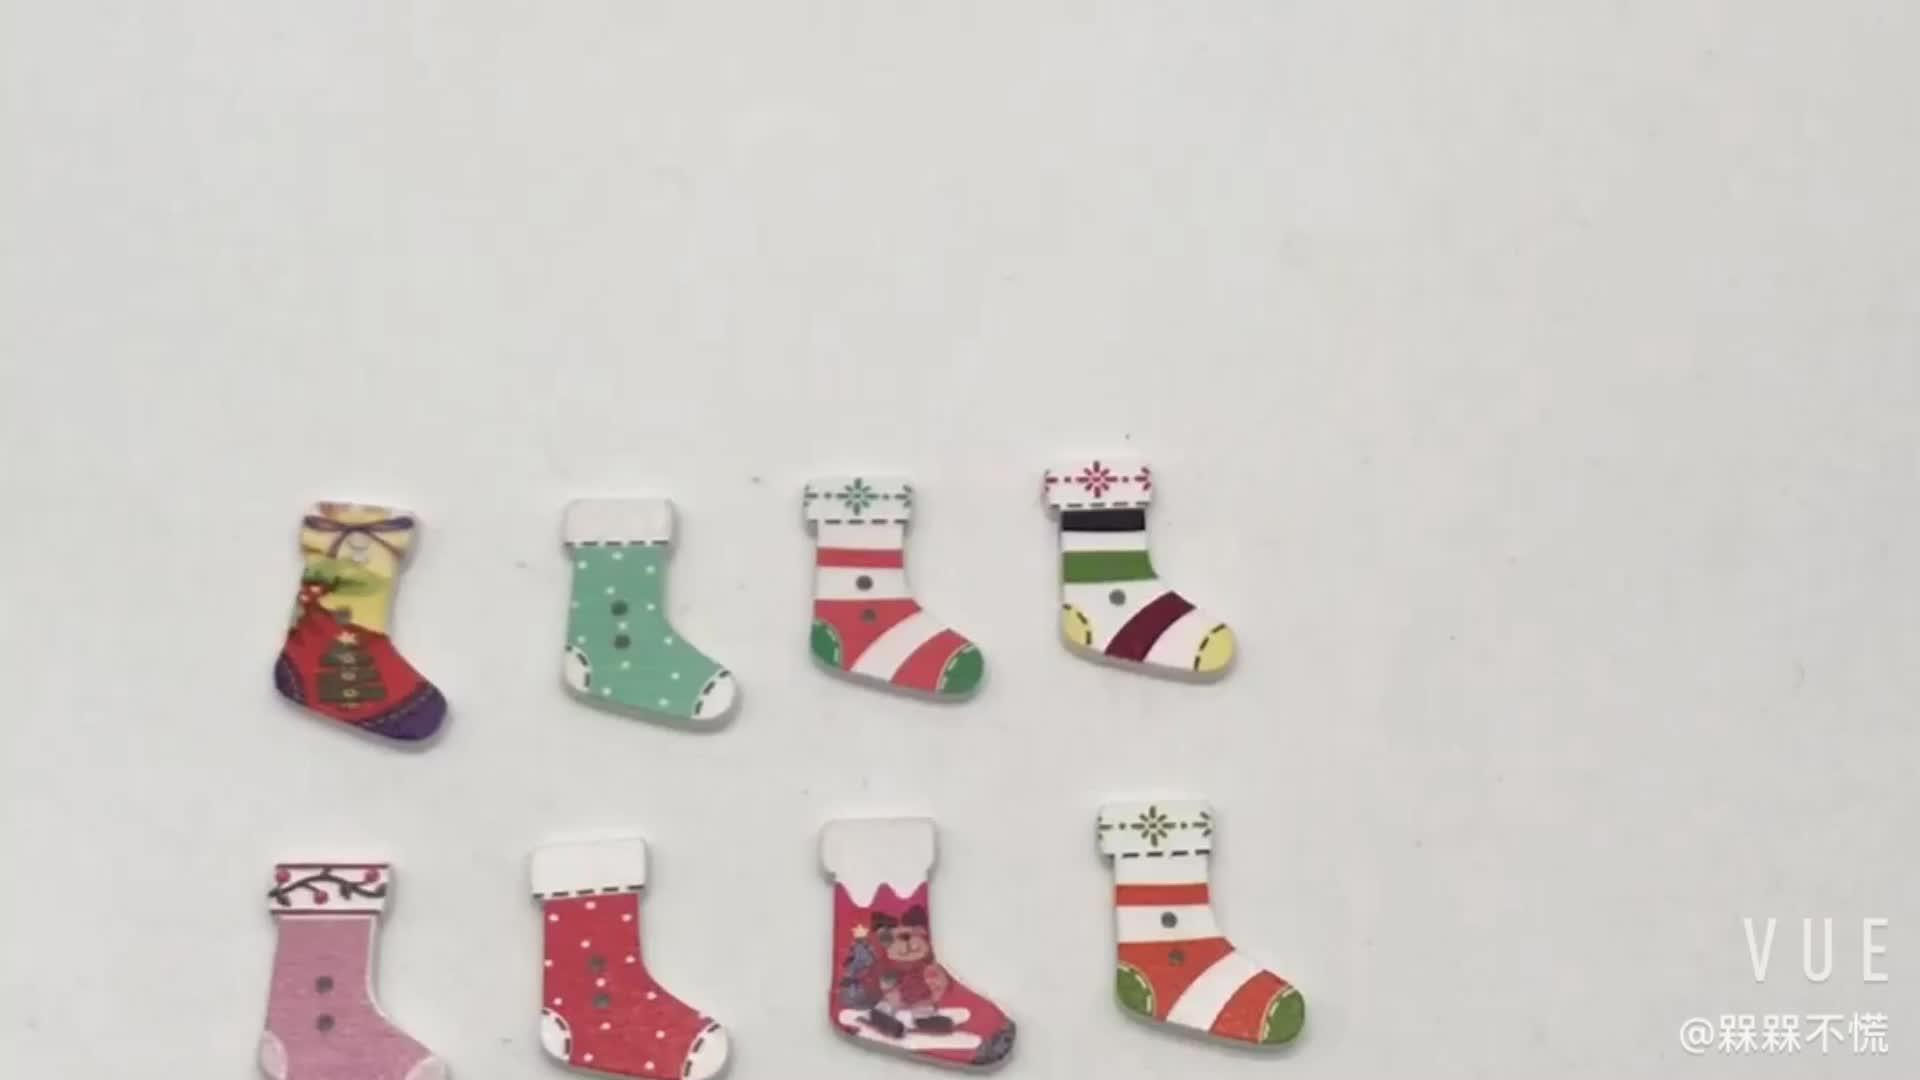 100 個、縫製ボタン、 diy の靴下ベルボタン、木製クリスマスボタン